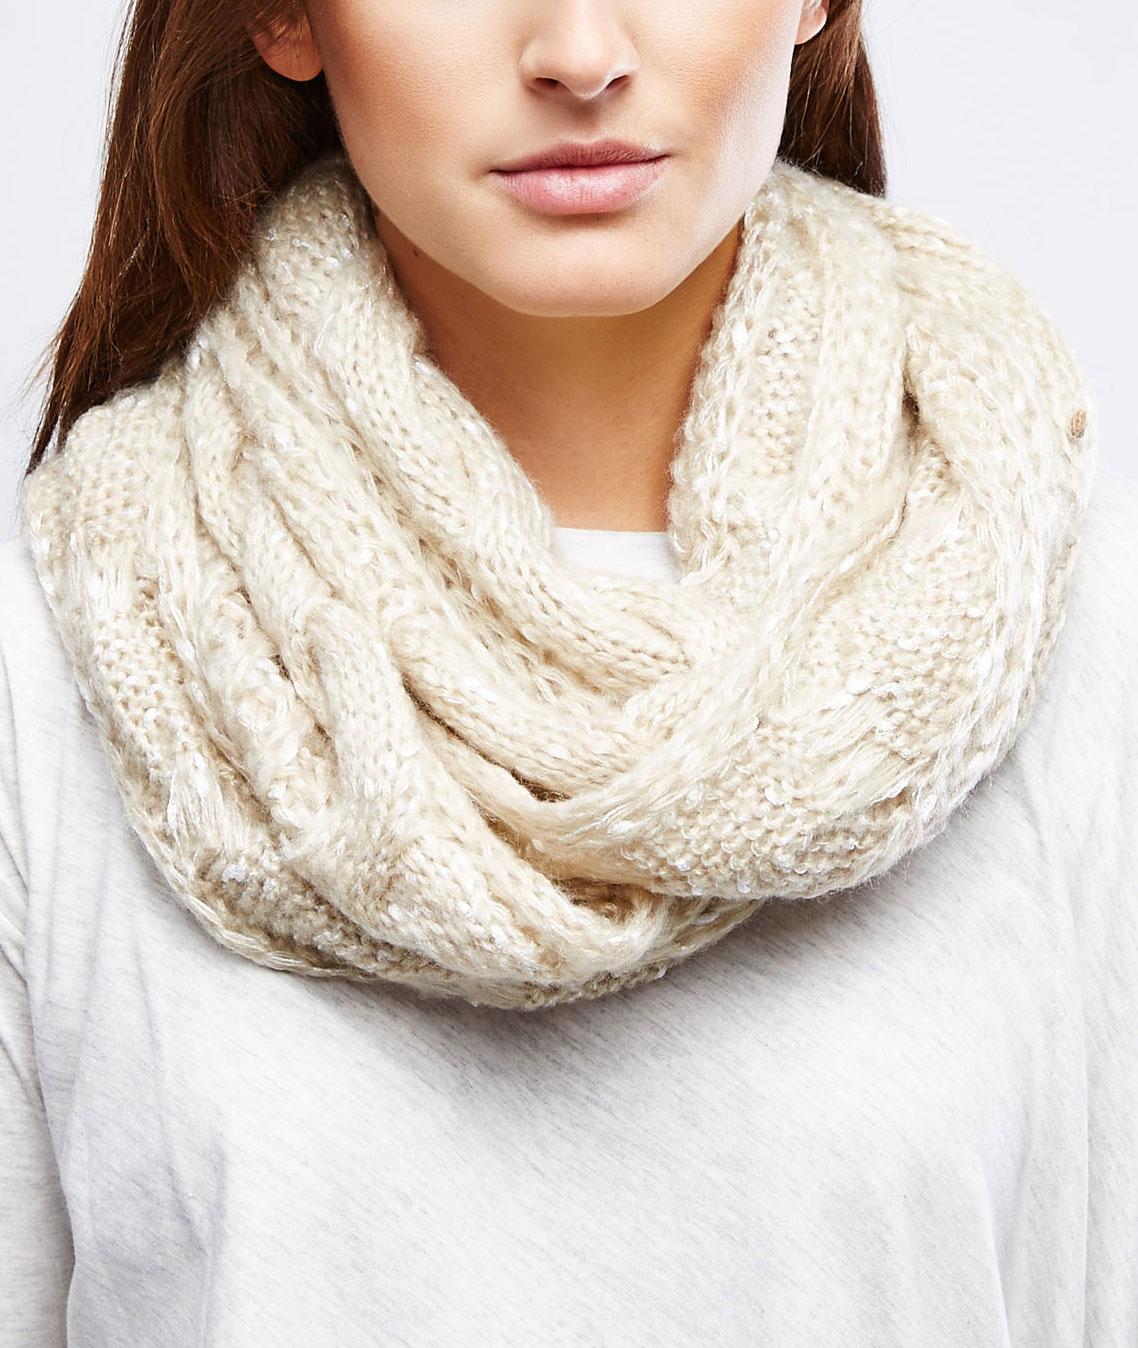 Шарф-снуд женский. Z-SZ-1825Z-SZ-1825 BEIGEСтильный женский шарф-снуд Moodo, выполненный из высококачественного материала, создан подчеркнуть ваш неординарный вкус и согреть вас в прохладное время года. Снуд можно носить на голове, на шее и груди. Сочетание акрила и полиэстера максимально сохраняет тепло и обеспечивает удобную посадку. Модель отличается сочетанием фактурной вязки и узора косички, невероятной легкостью и мягкостью. Этот модный аксессуар гармонично дополнит образ современной женщины, которая стремится всегда оставаться стильной и элегантной.